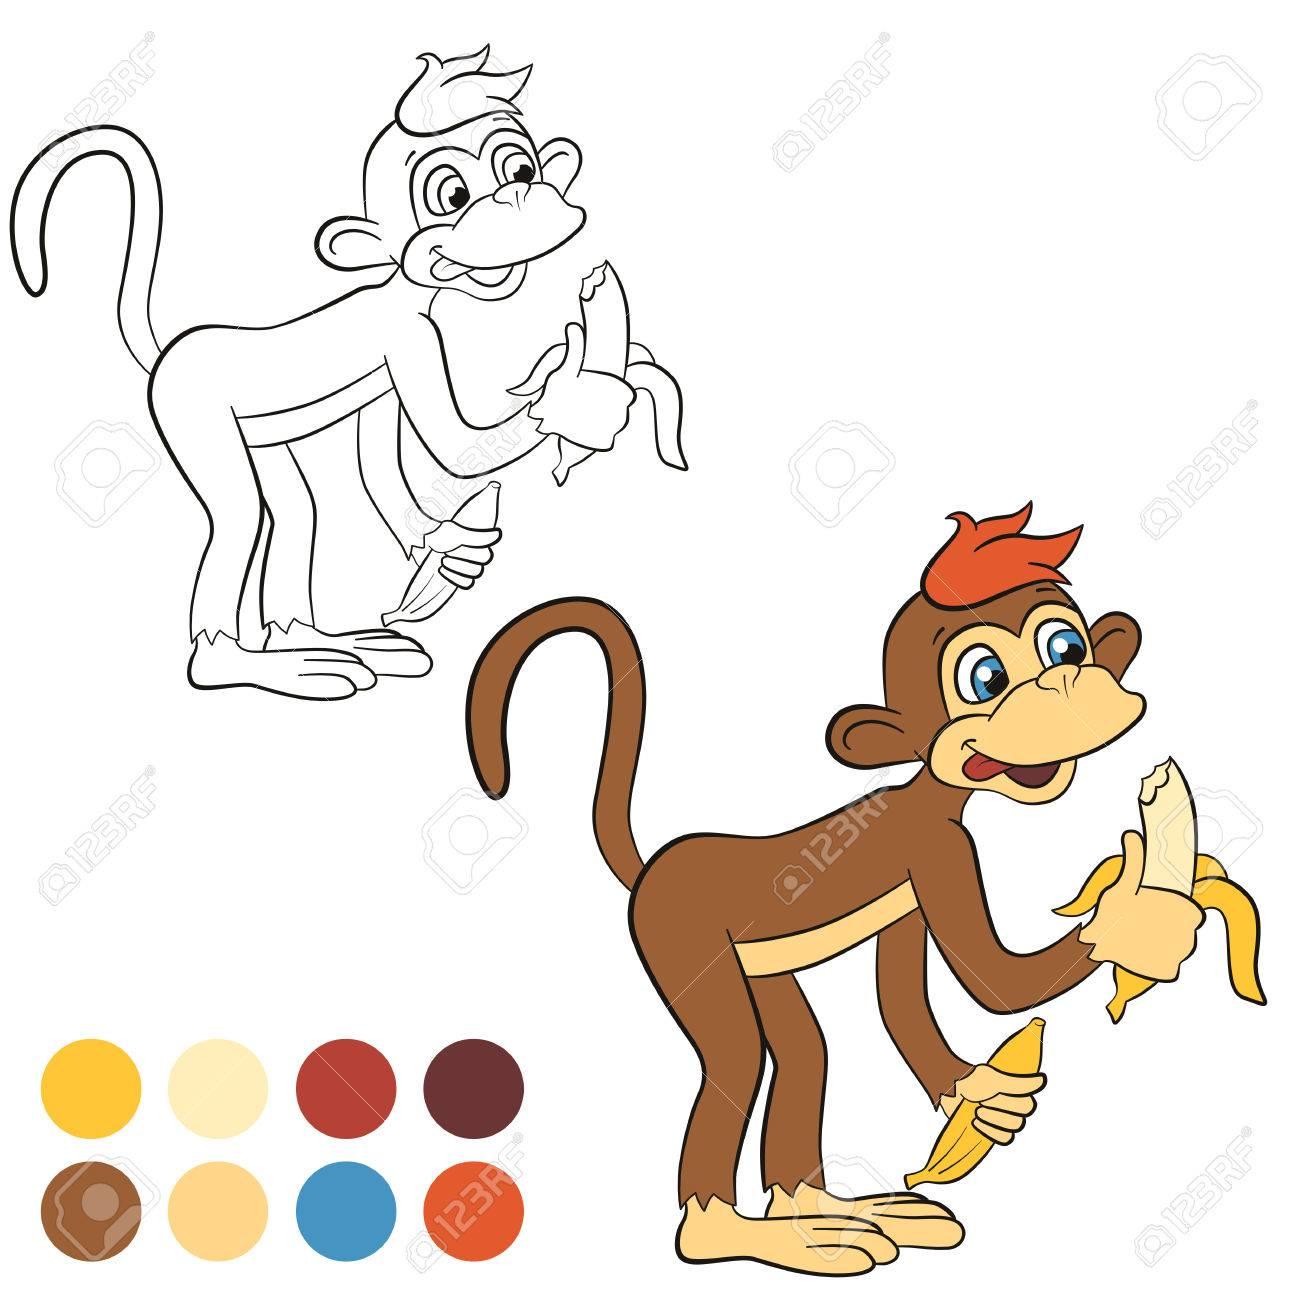 Malvorlage. Color Me: Affe. Kleine Niedliche Affe Steht Und Hält ...